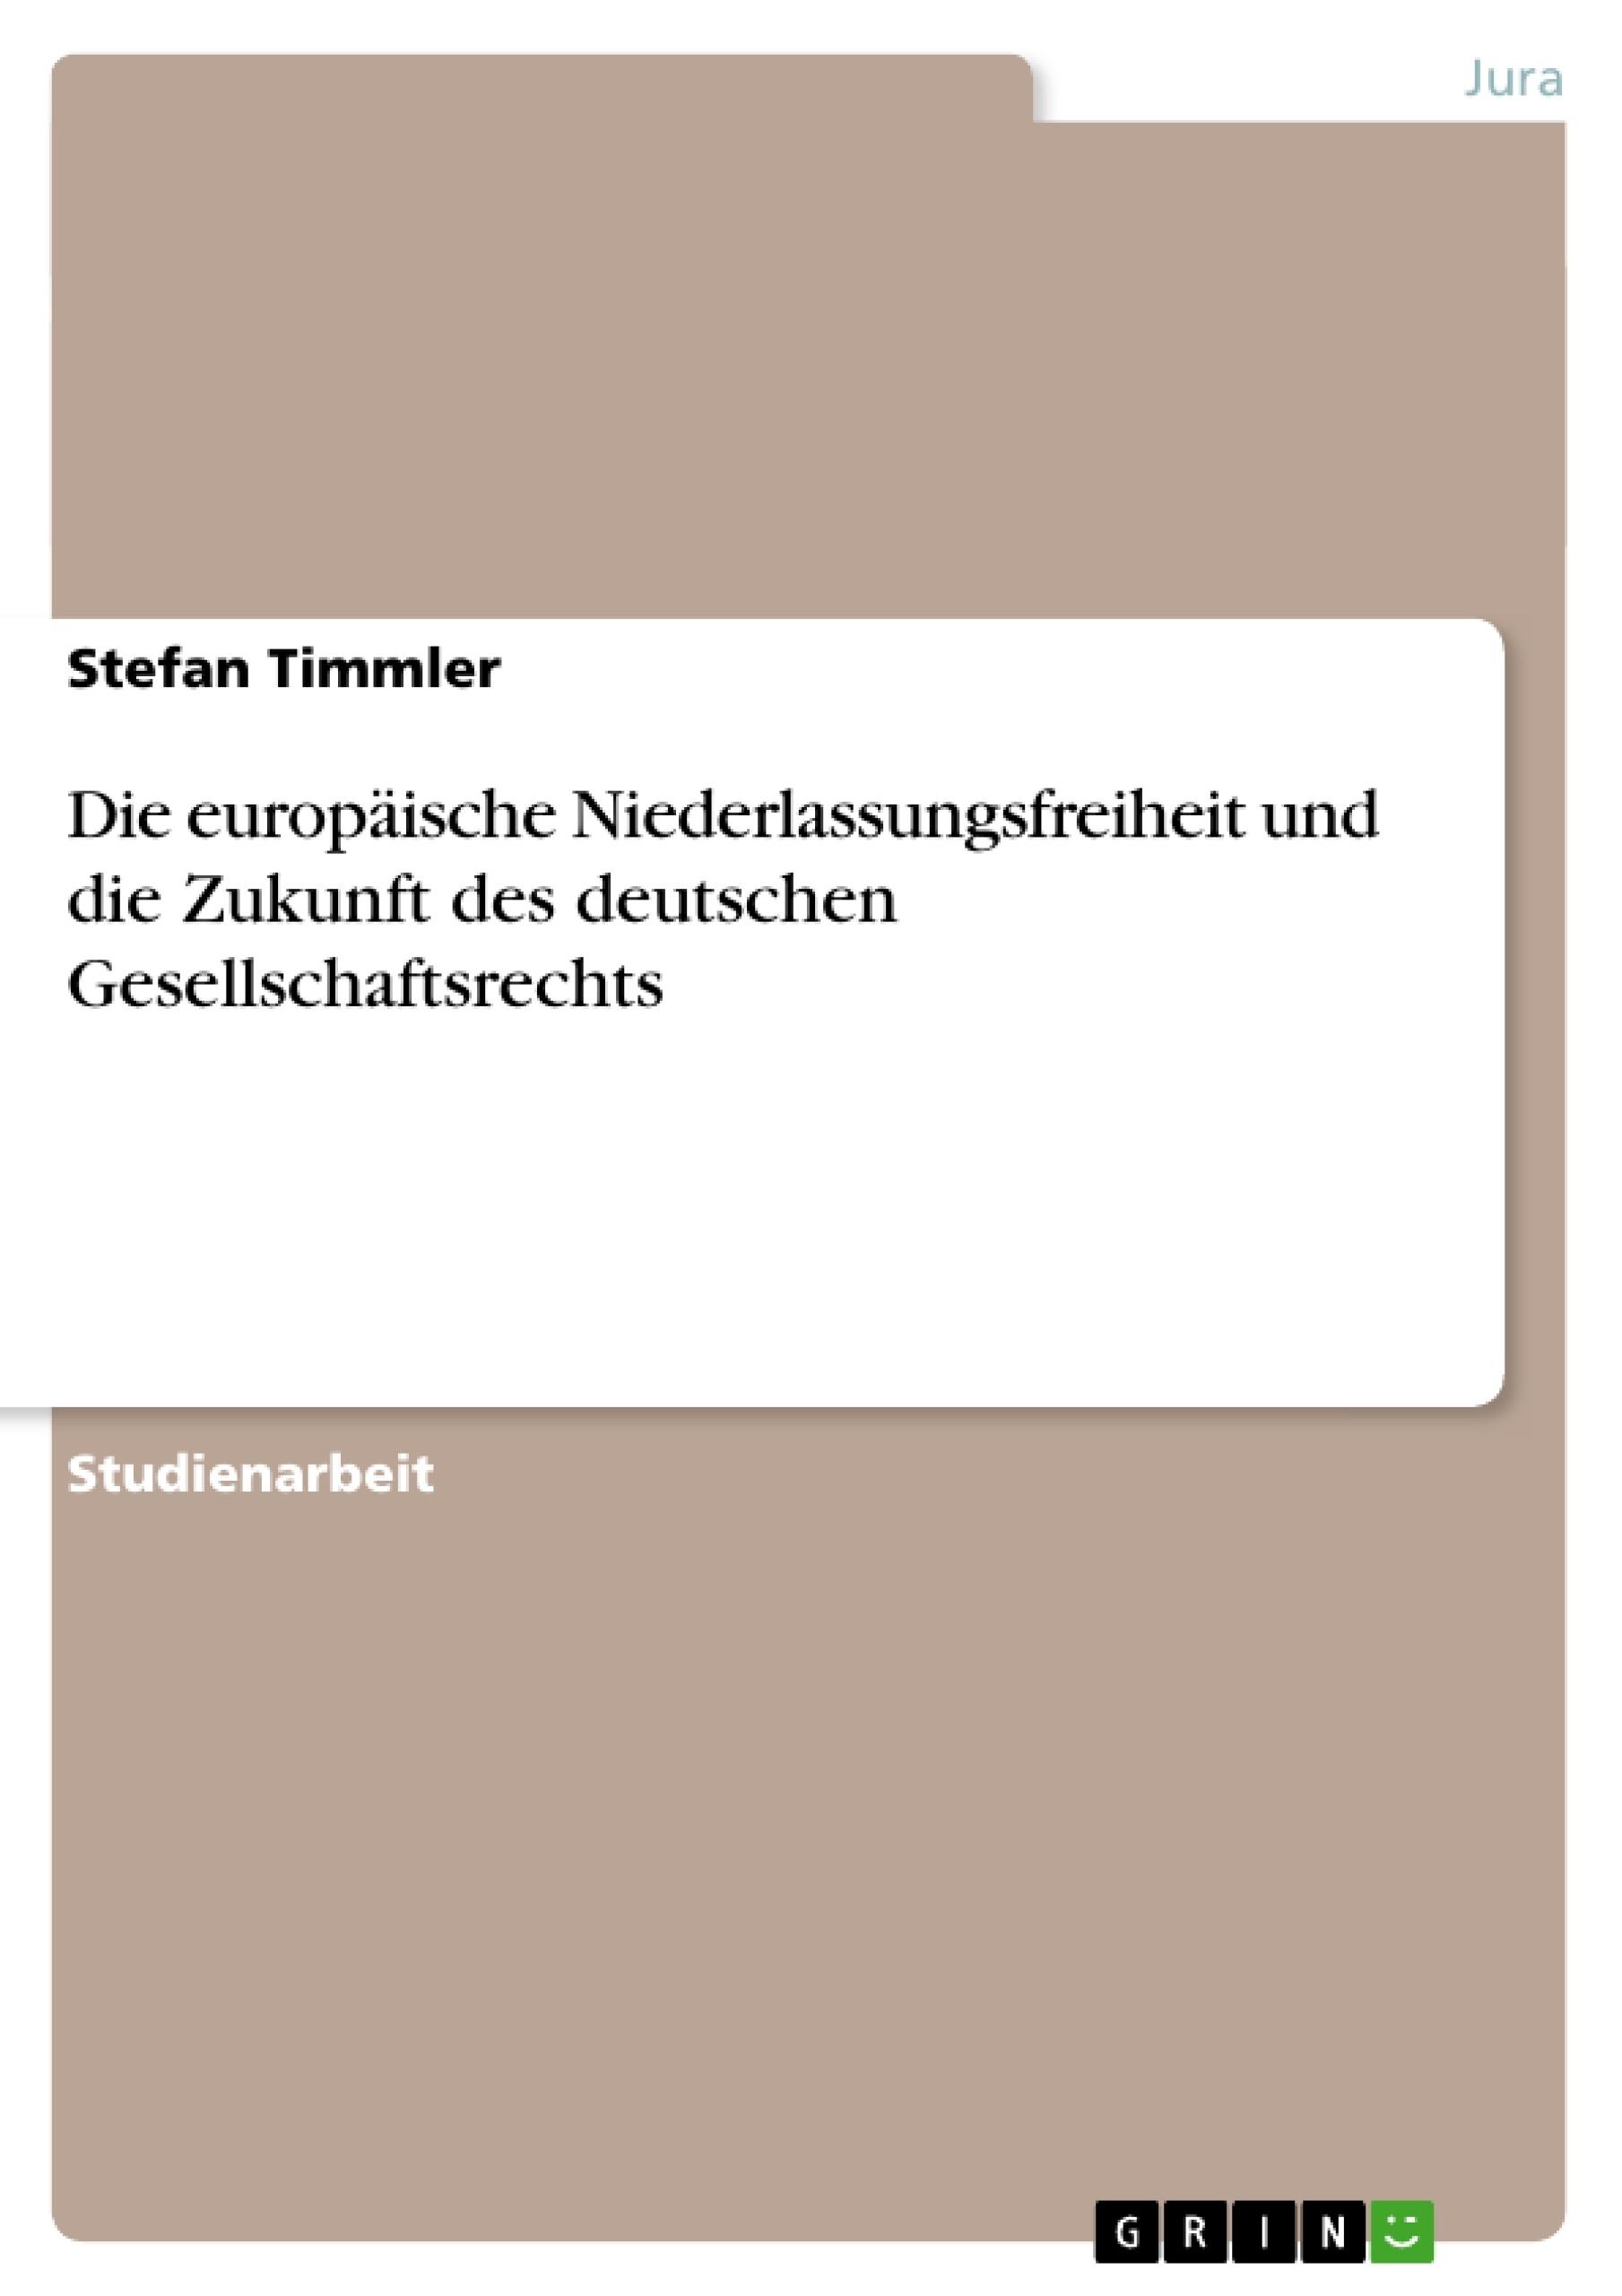 Titel: Die europäische Niederlassungsfreiheit und die Zukunft des deutschen Gesellschaftsrechts